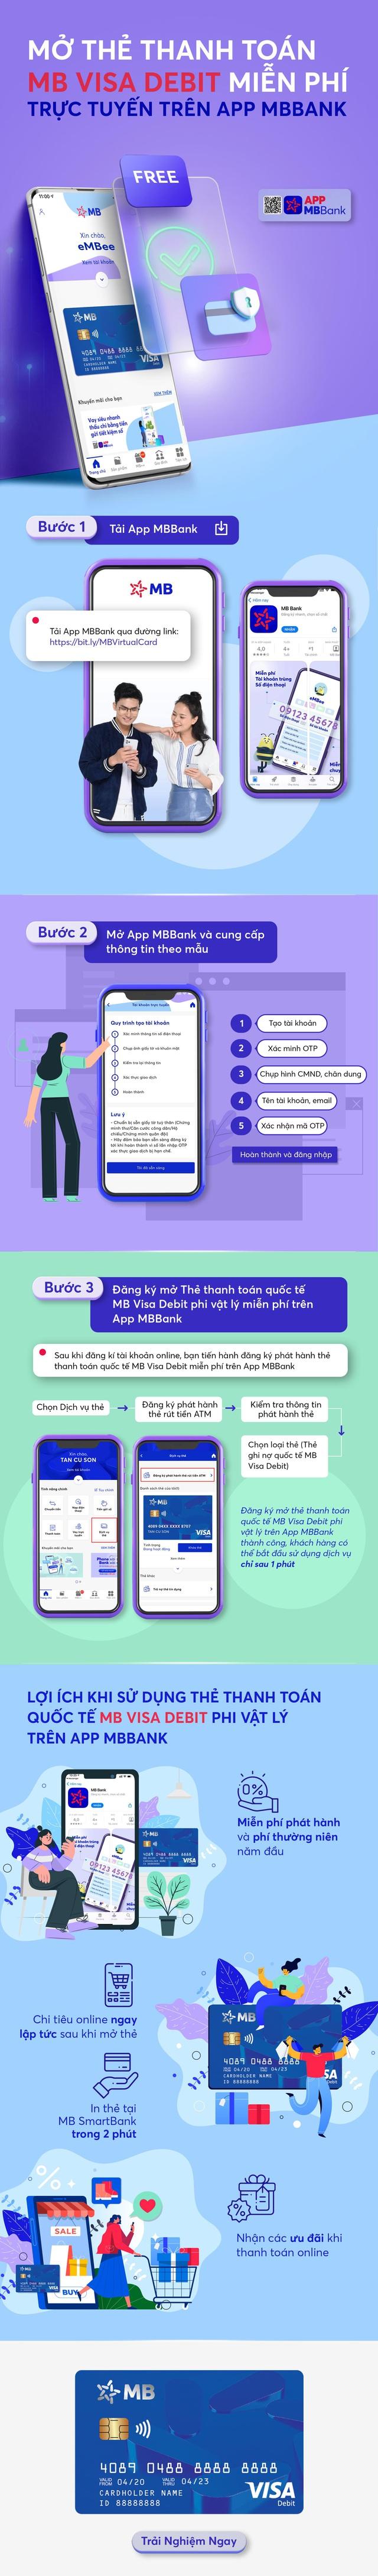 Mở thẻ thanh toán MB Visa Debit miễn phí, trực tuyến trên App MBBank - Ảnh 1.